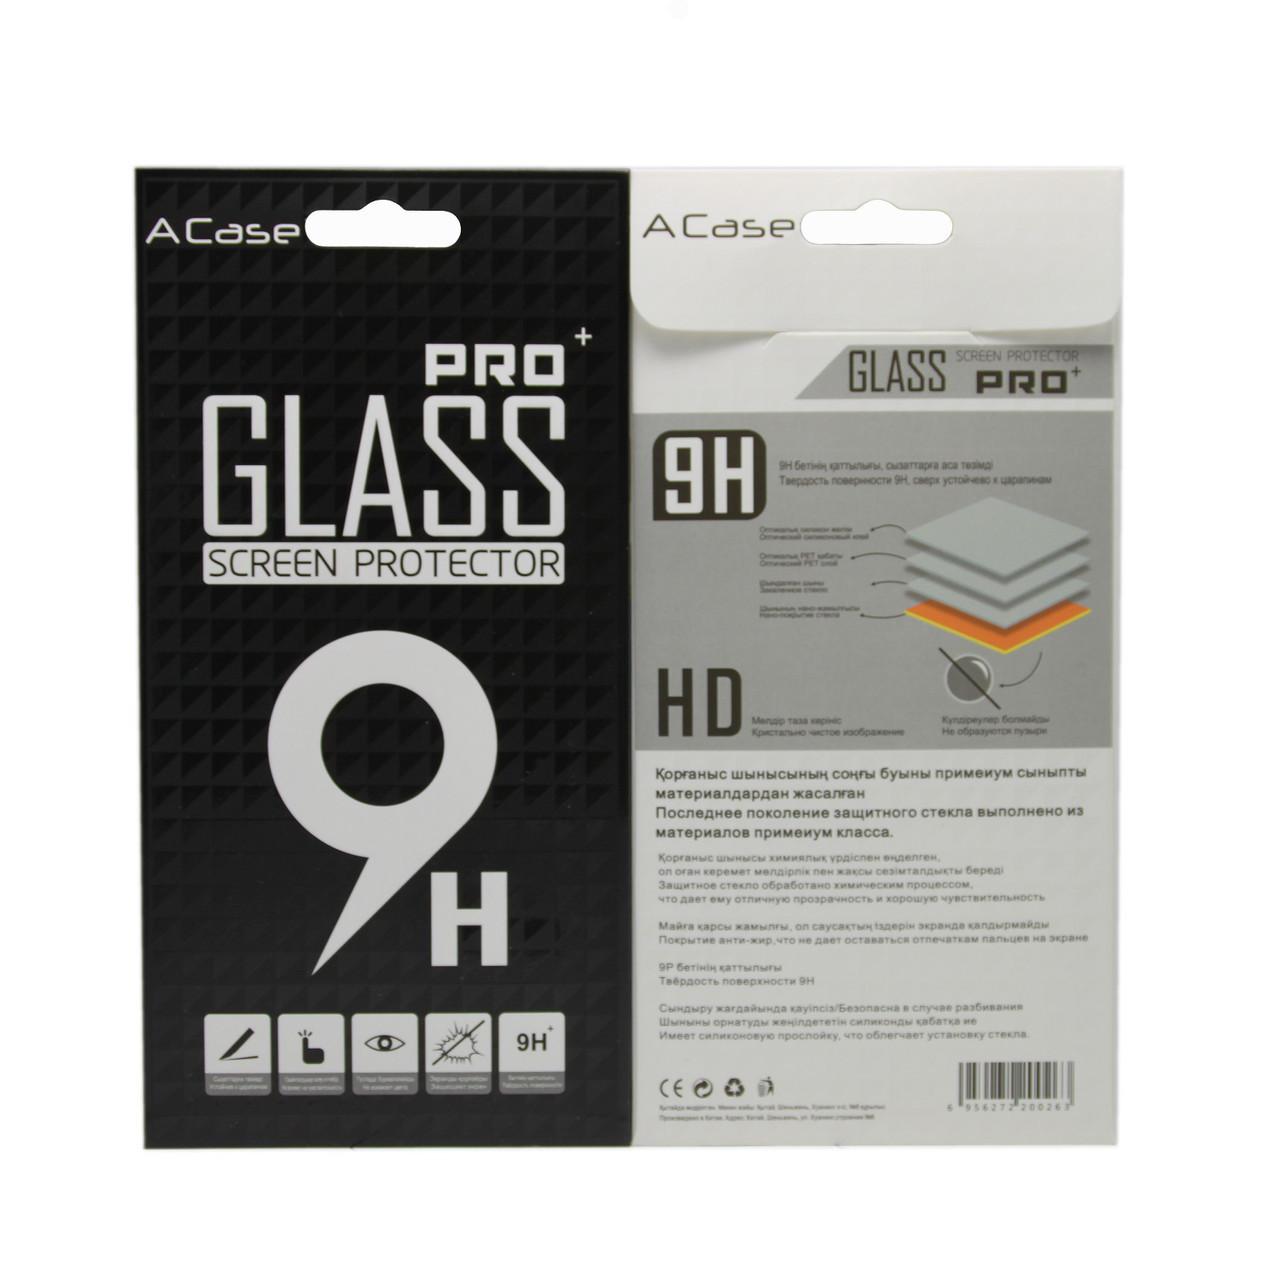 Защитное стекло 3D A-Case Apple iphone Xr, iphone 10r Окантовка Black - фото 2